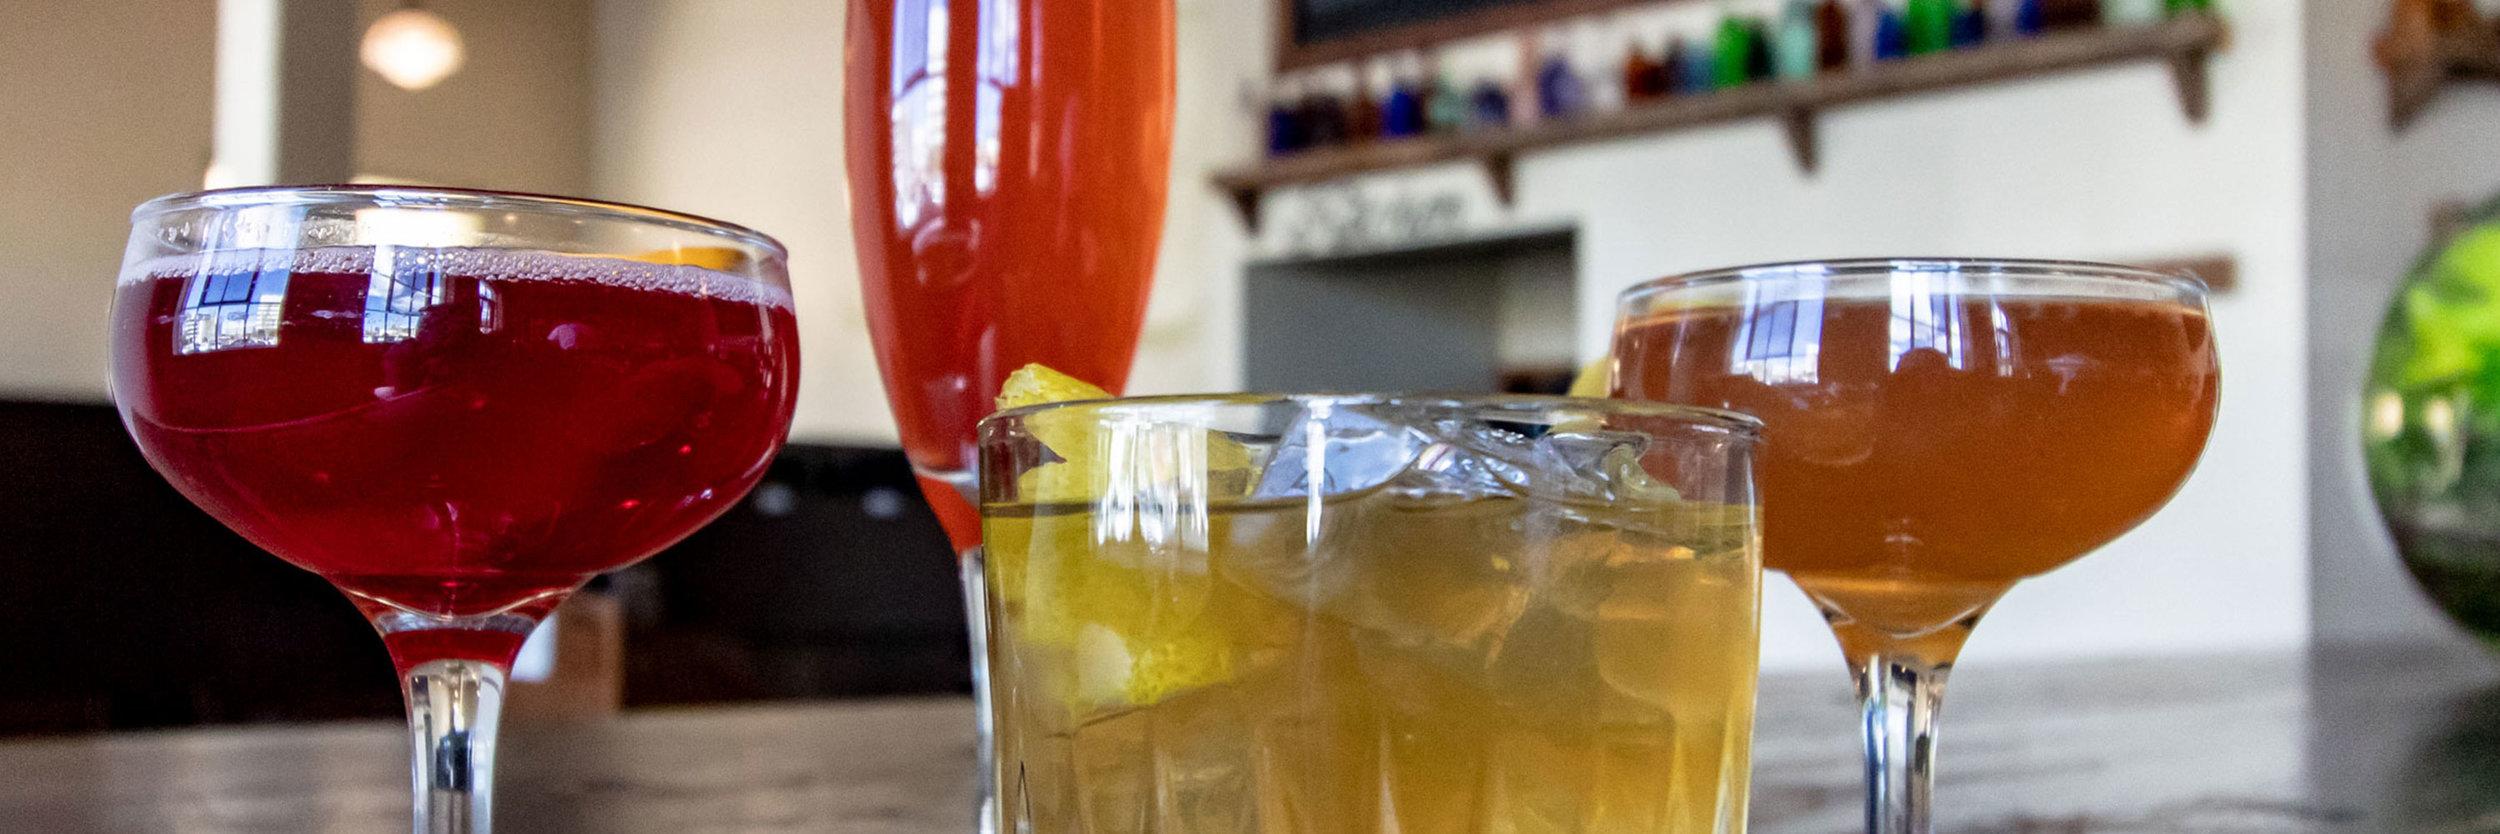 OGSE-cocktails-webpage.jpg